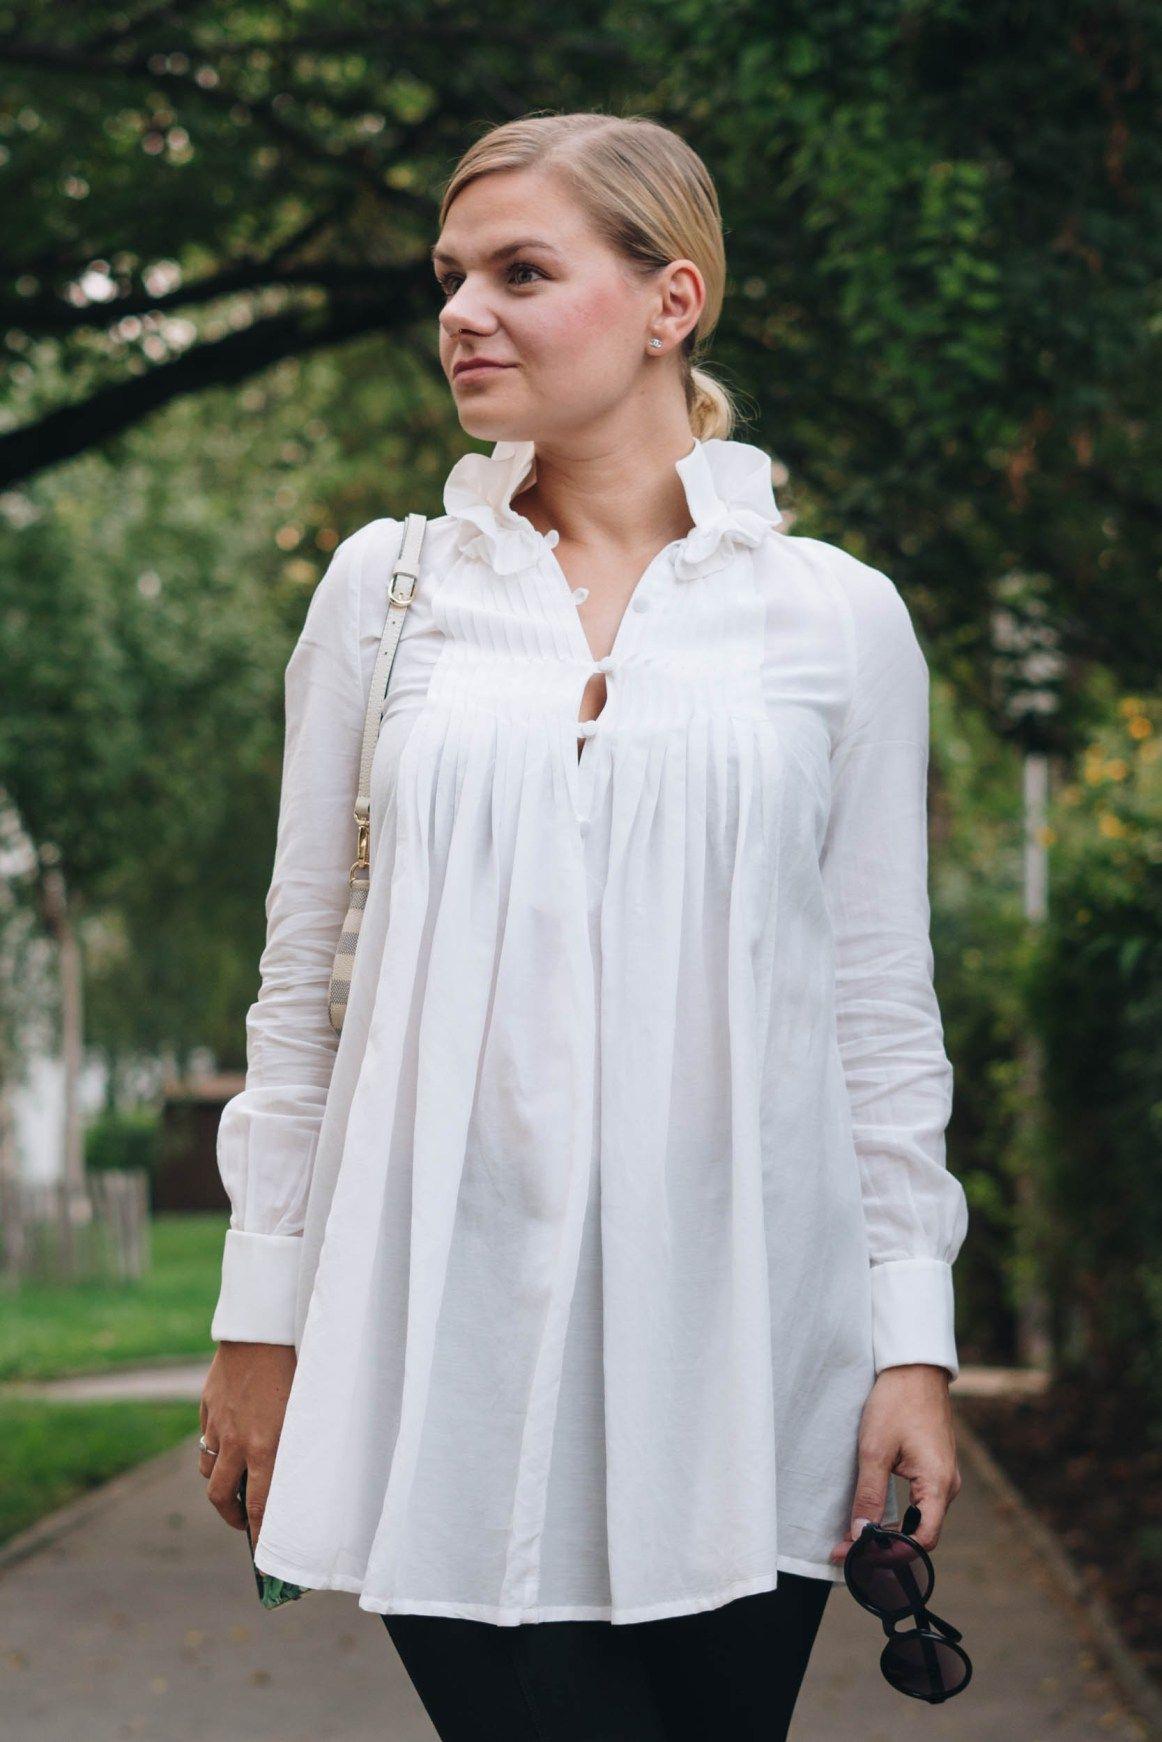 24b05fe4d2530 yellowgirl  BlackandWhite Outfit in weißer Tunkia-Bluse von lineight  Jeggins mit Fußschlaufen Mules mit Goldabsatz runder Sonnenbrille und MINI  POCHETTE von ...